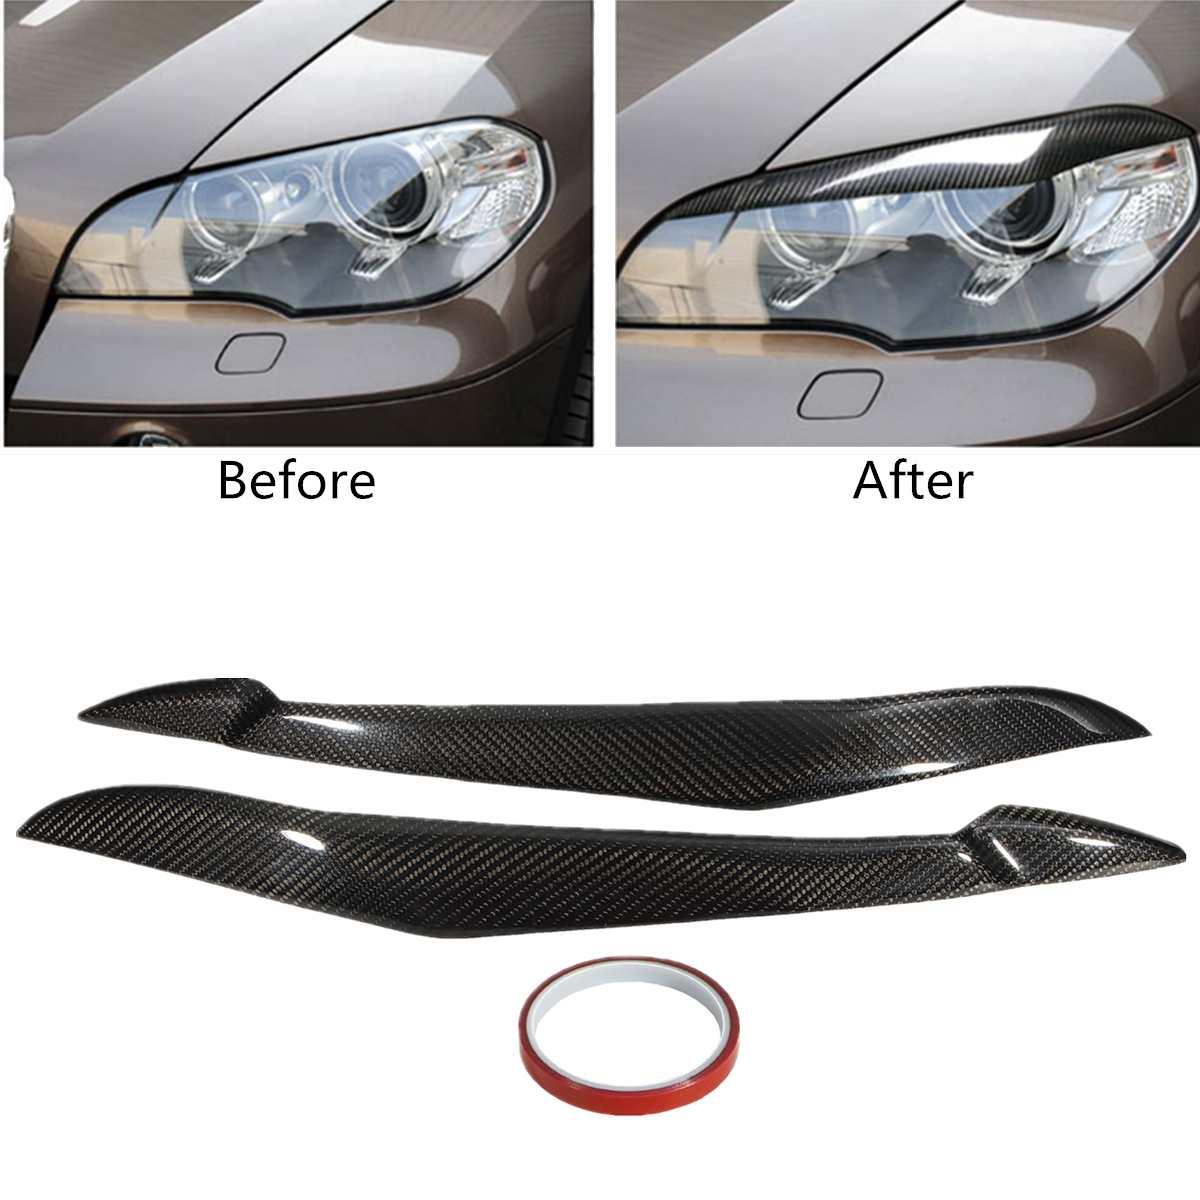 1 paire pour BMW E70 X5 2007-2013 Carbone fibre Phare Paupière Couvre Noir Brillant UV-Revêtement améliore L'aspect Bâton-sur